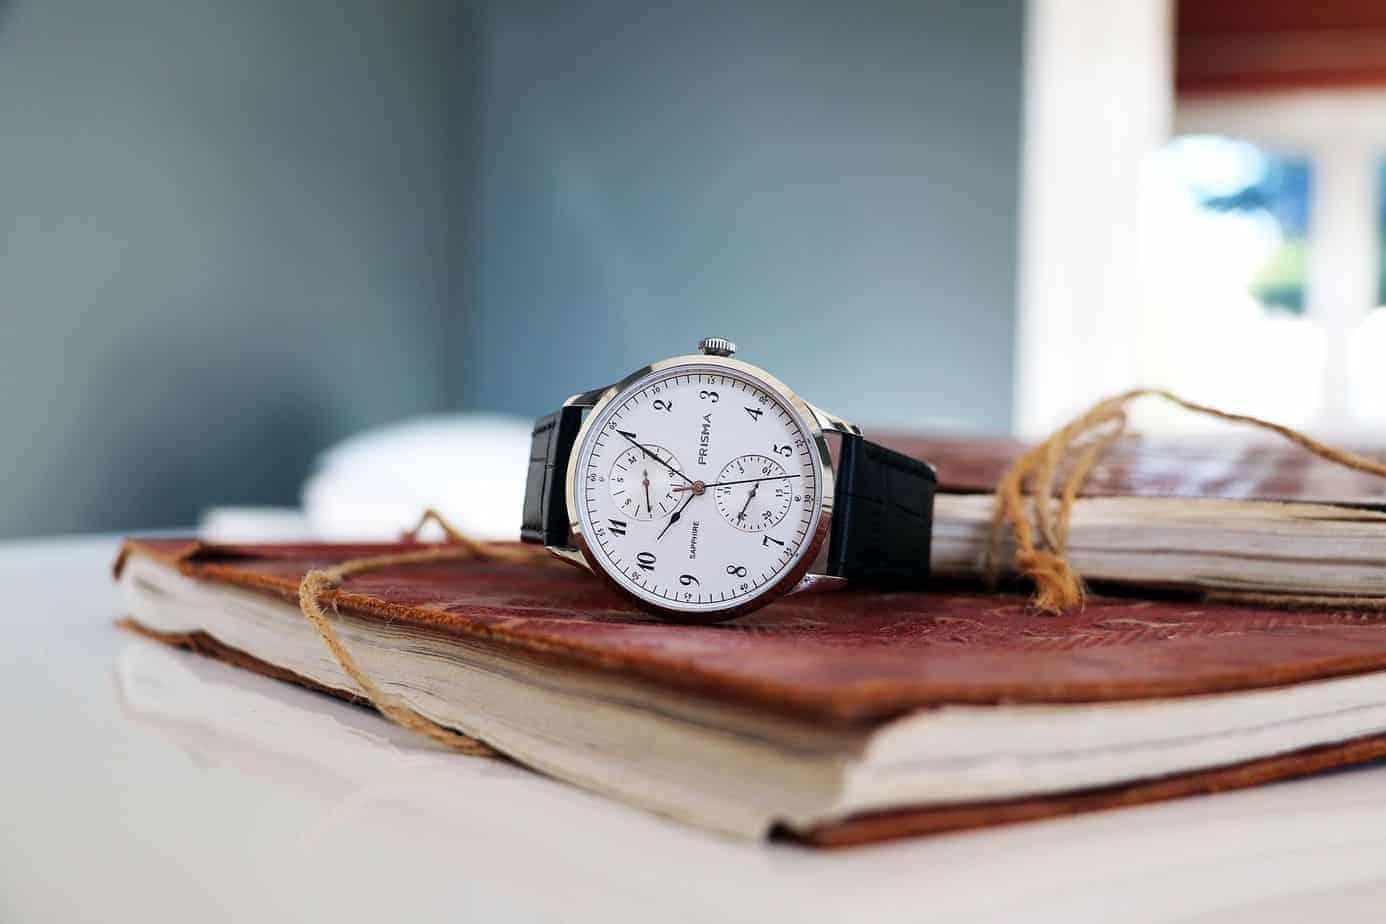 prisma traveller vigorous silver prisma horloges watches